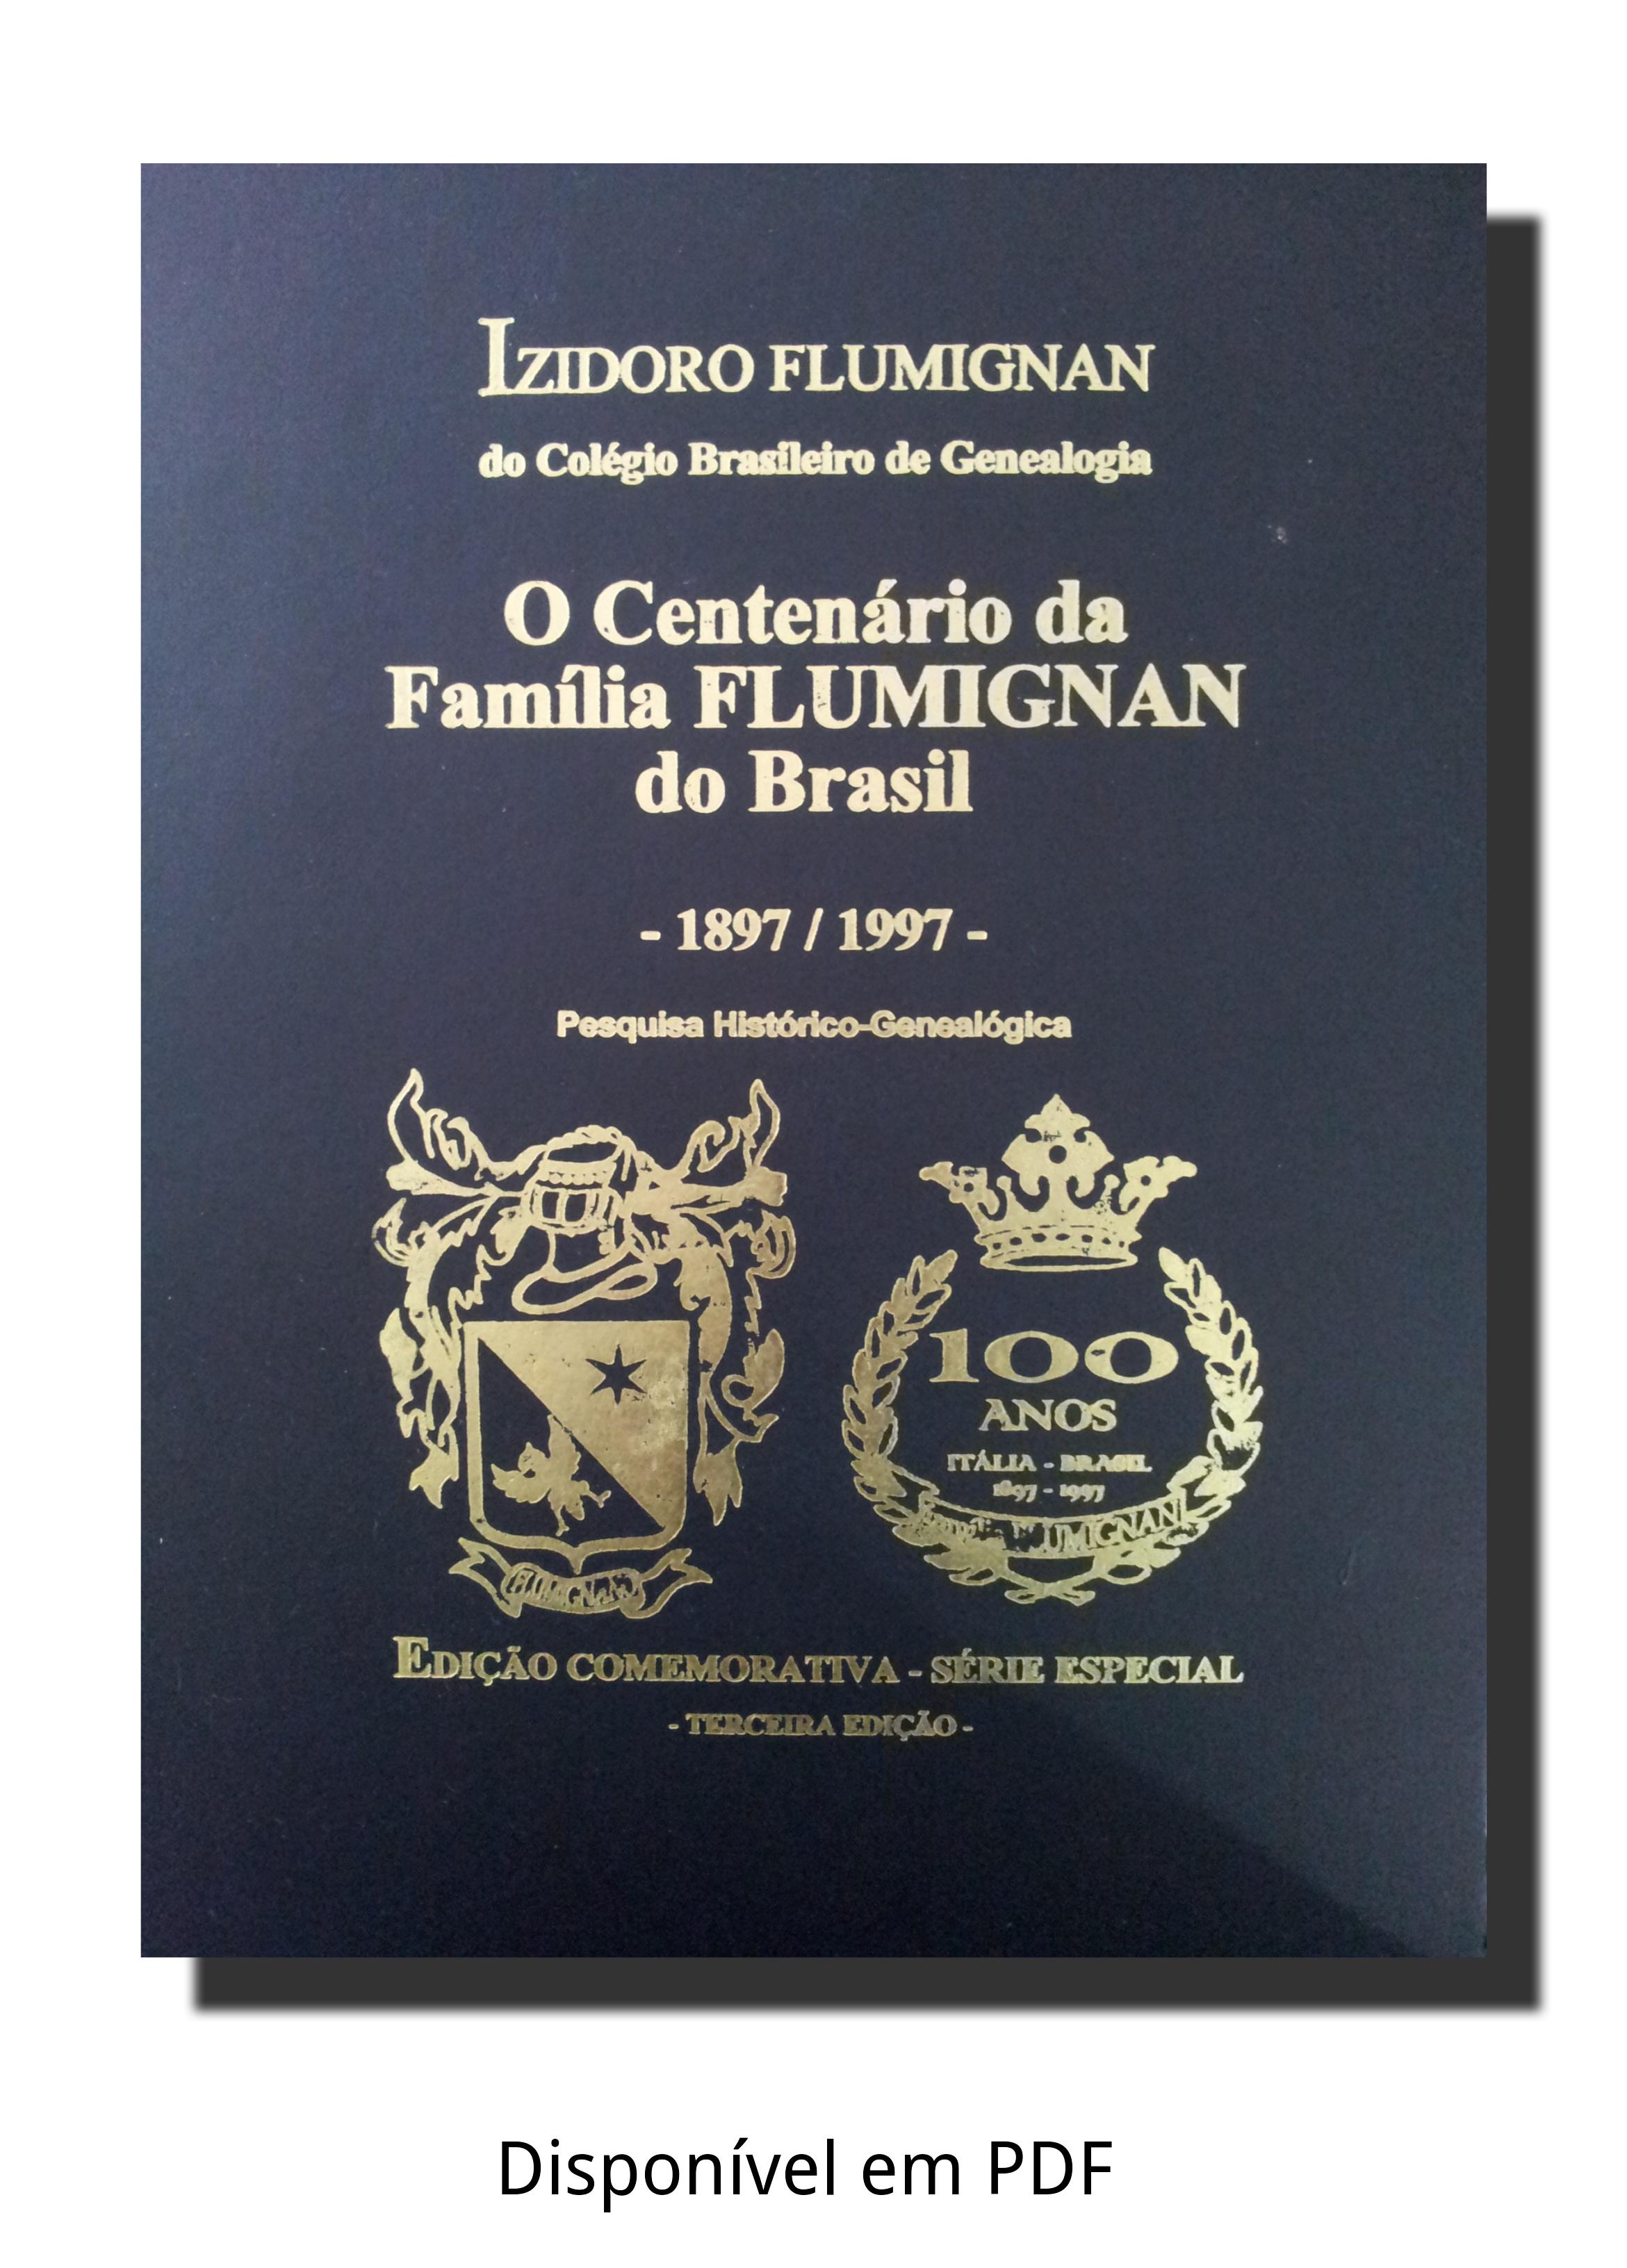 Foto do Livro do Centenário